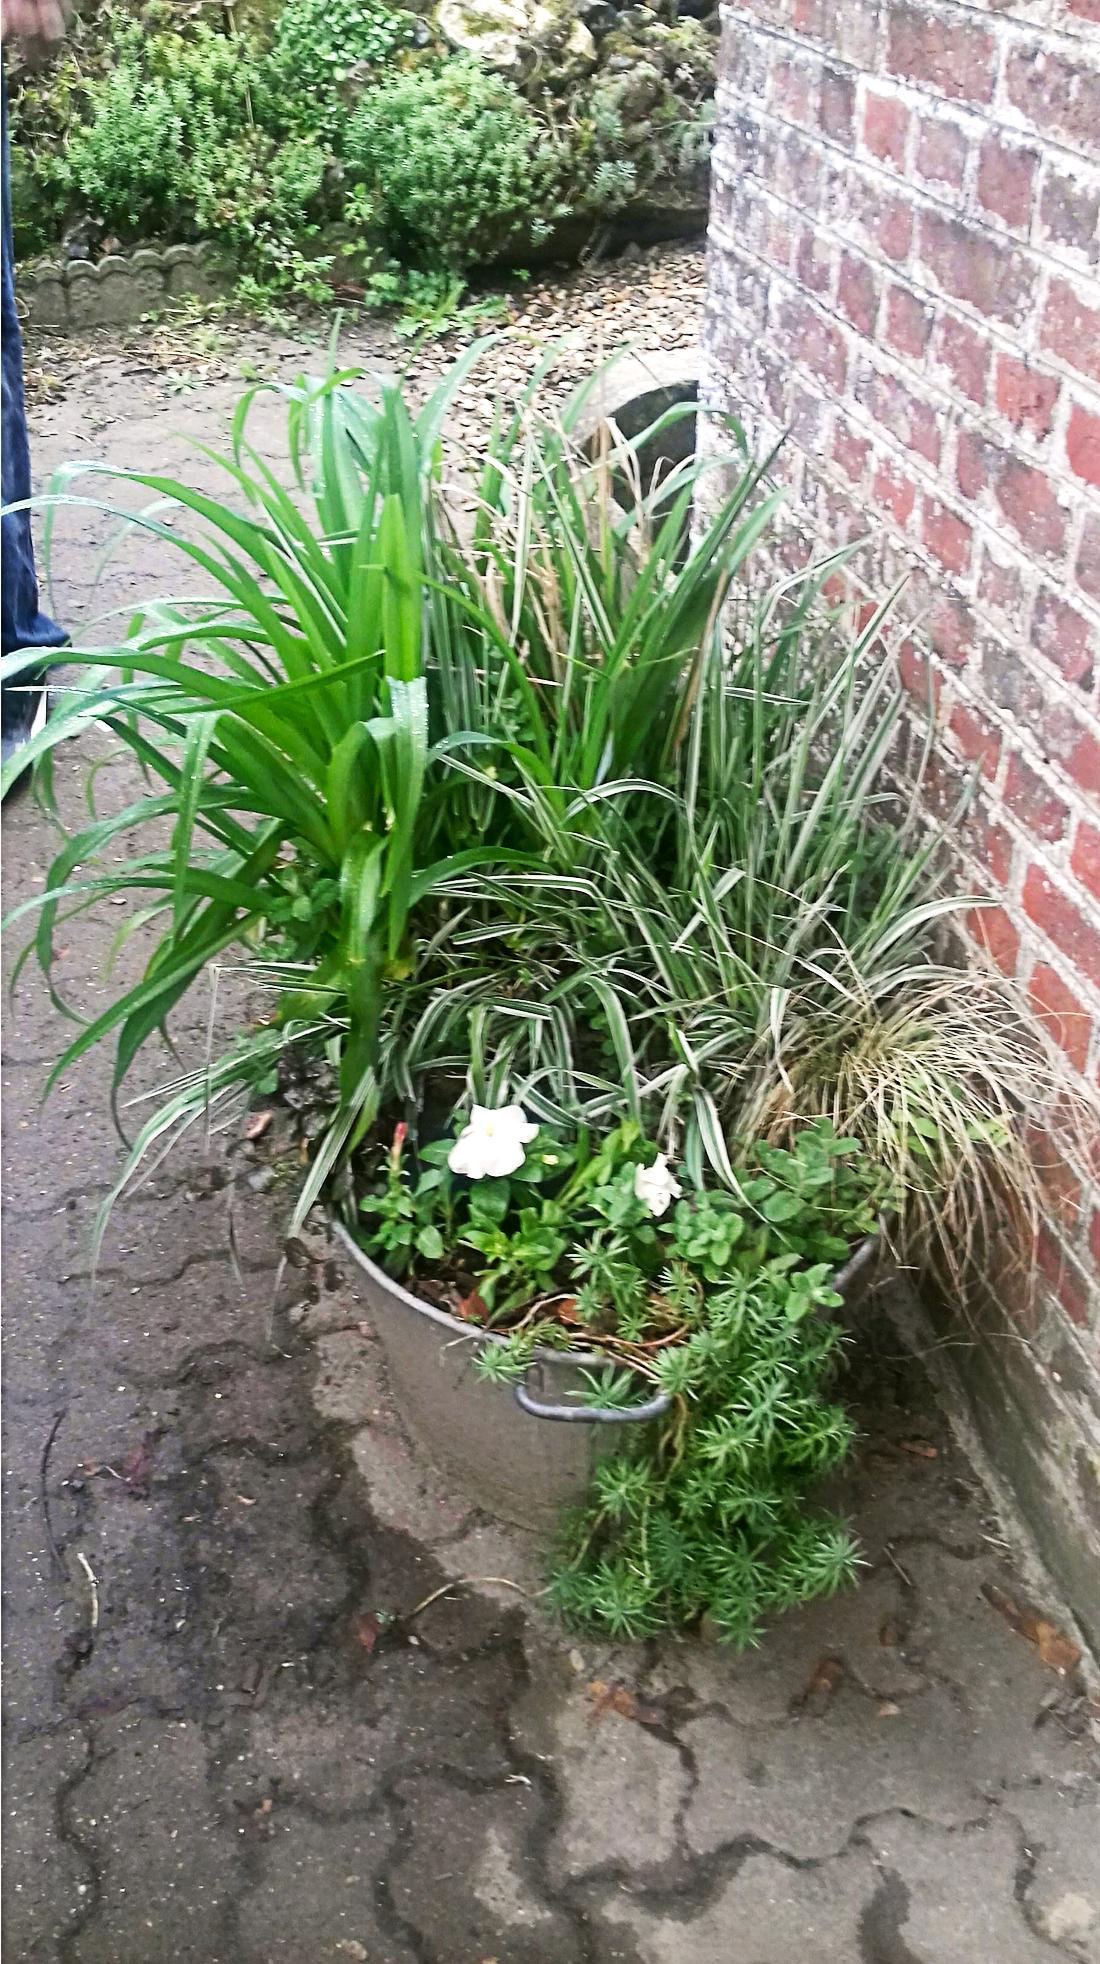 Création d'une jardinière de fleurs dans une bassine en métal